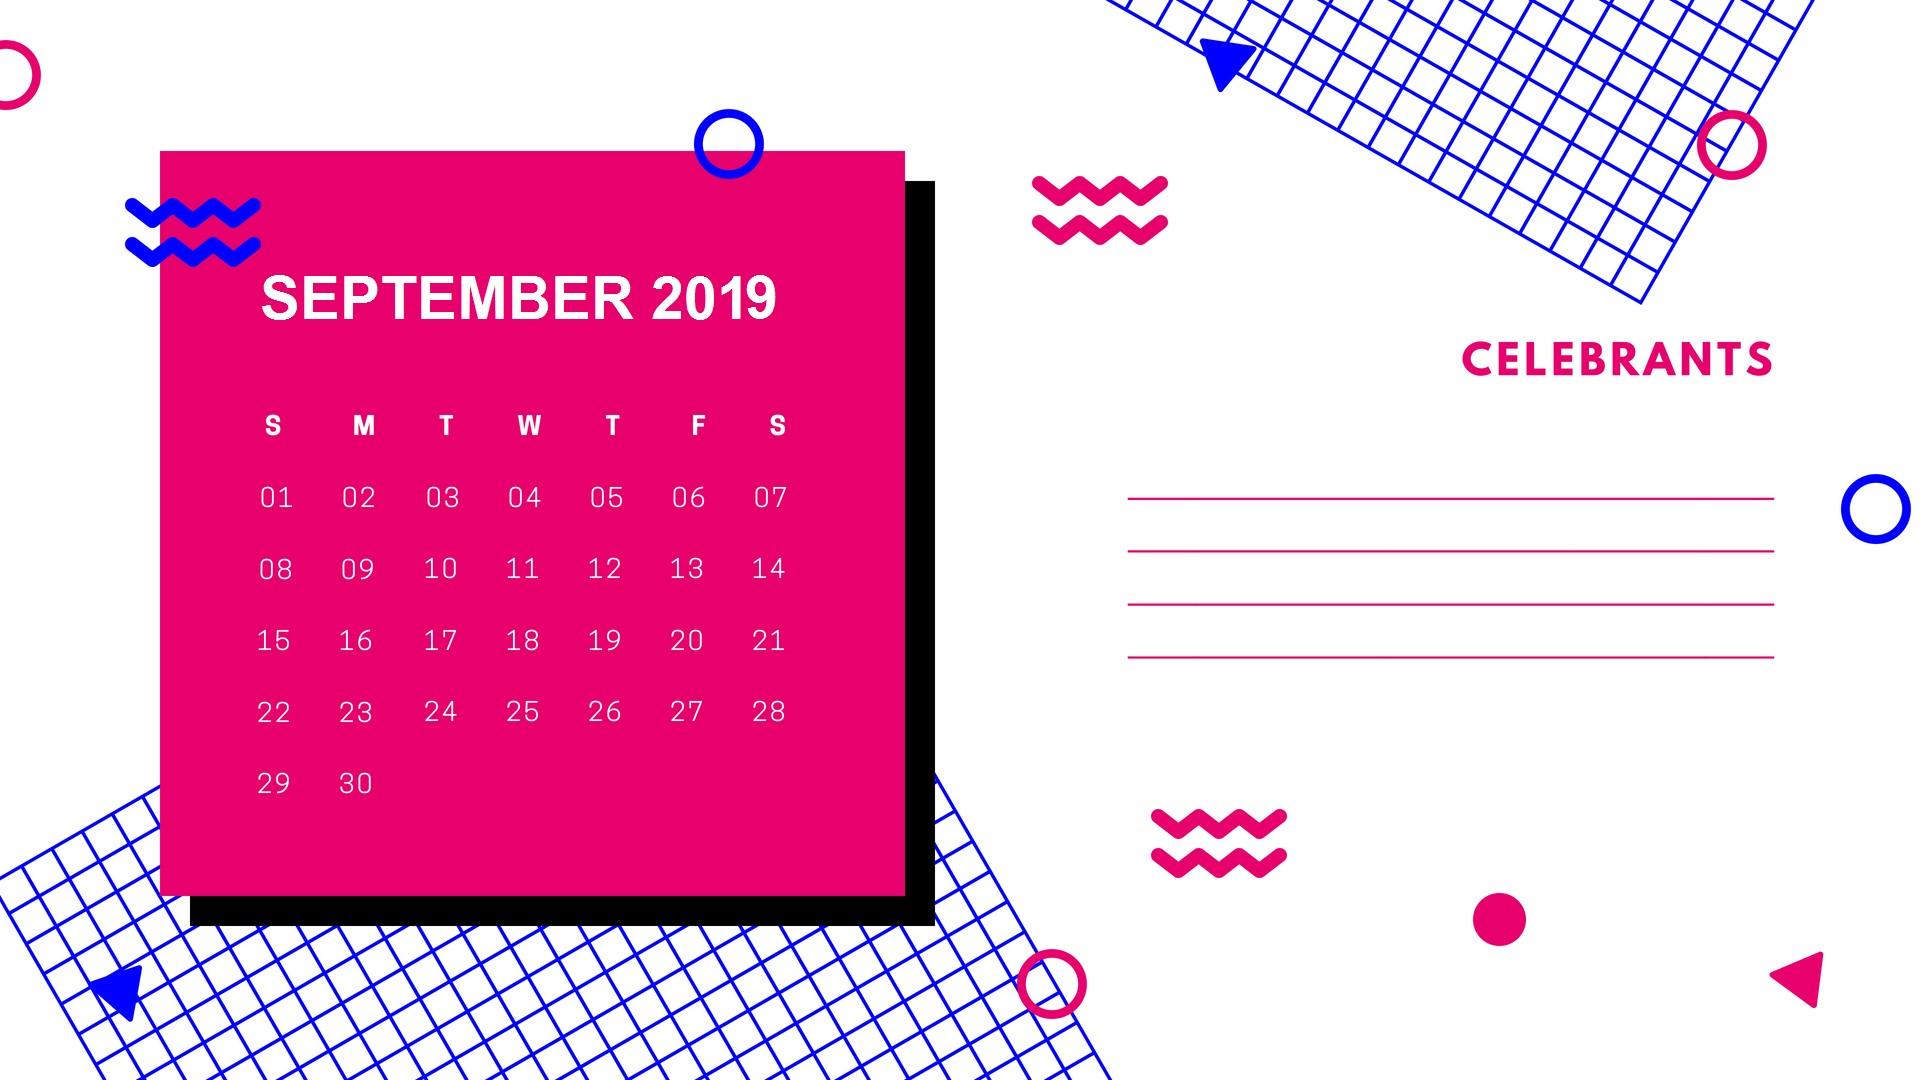 Calendario 2019 Vector Recientes Stylish 2019 September Calendar 2019calendar Printablecalendar Of Calendario 2019 Vector Actual Wörtherseetreffen 2019